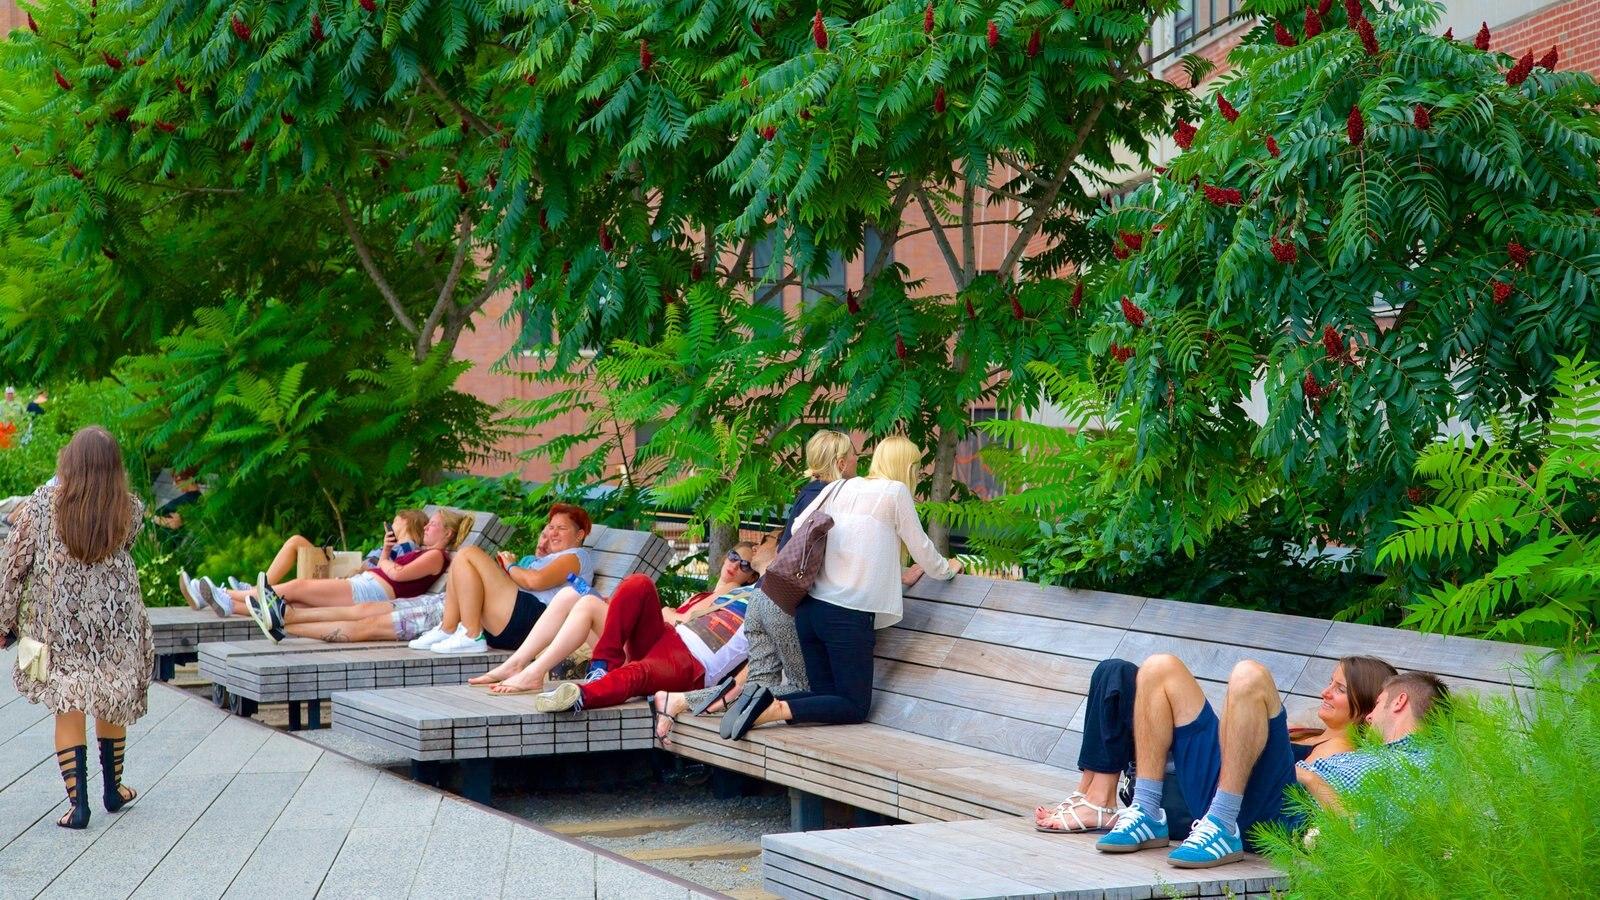 The High Line Park mostrando um parque assim como um pequeno grupo de pessoas